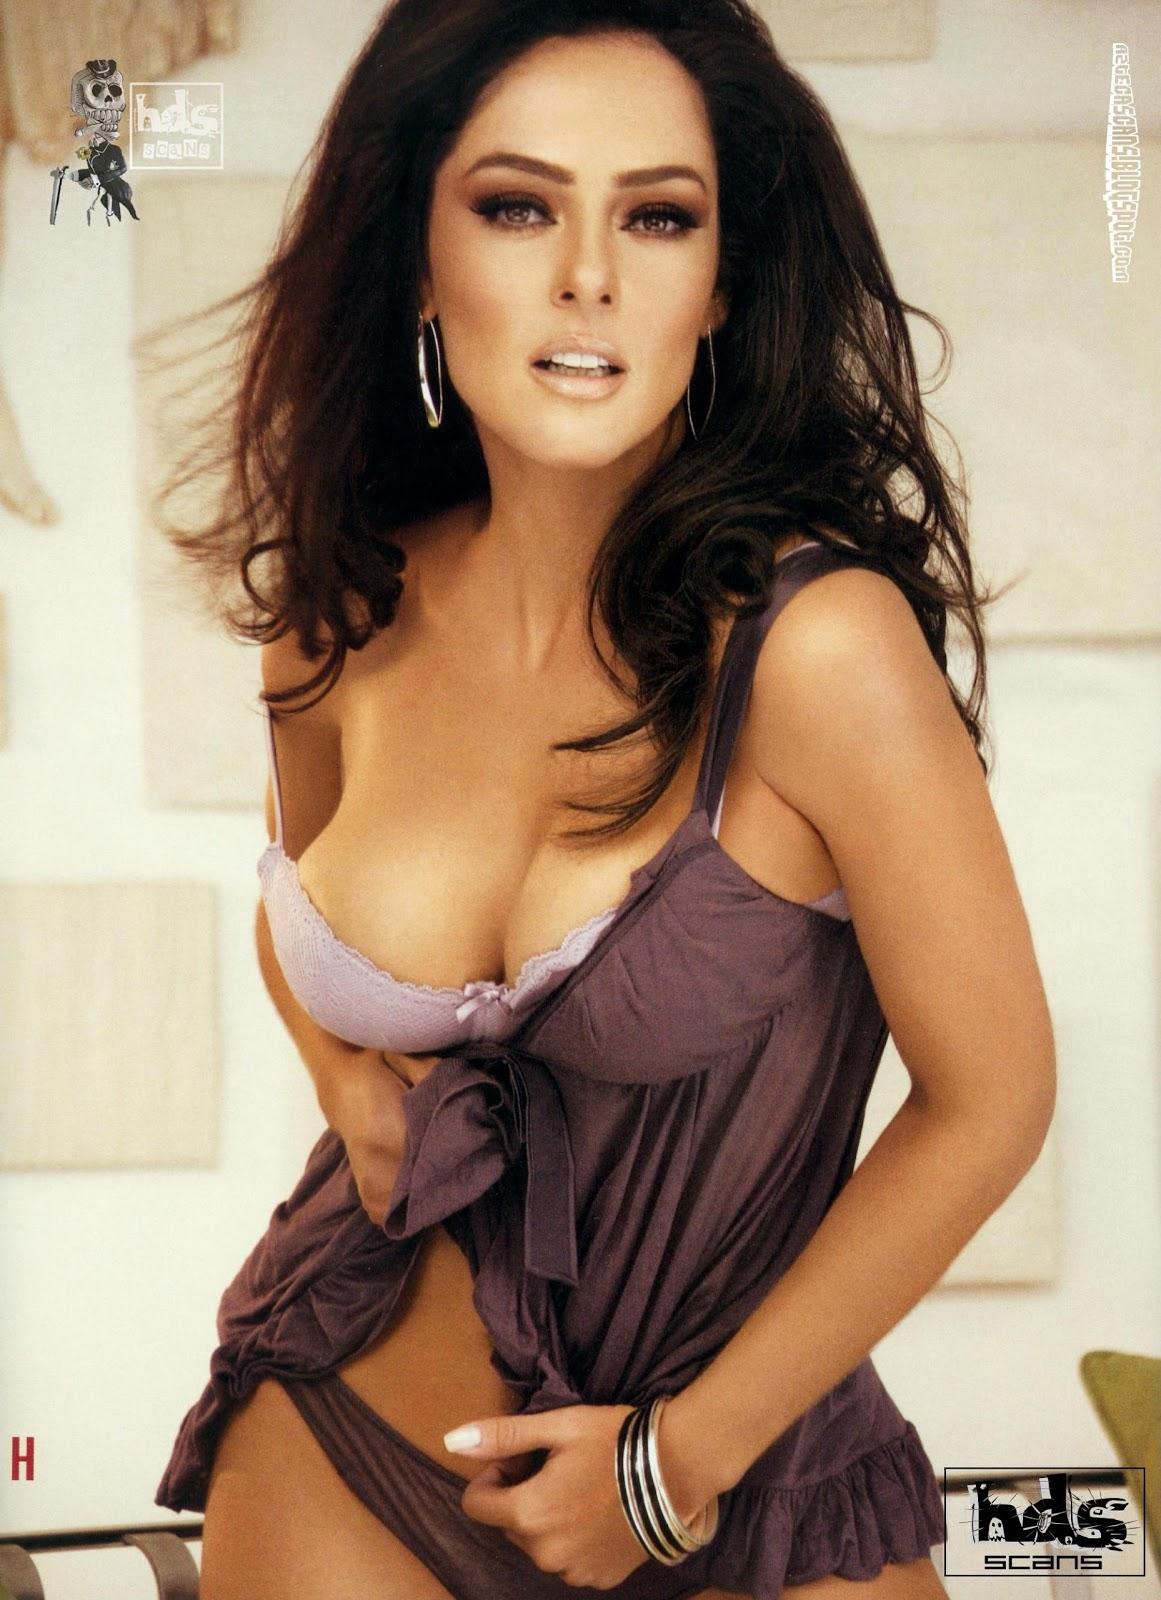 Andrea Garcia desnuda en la revista H